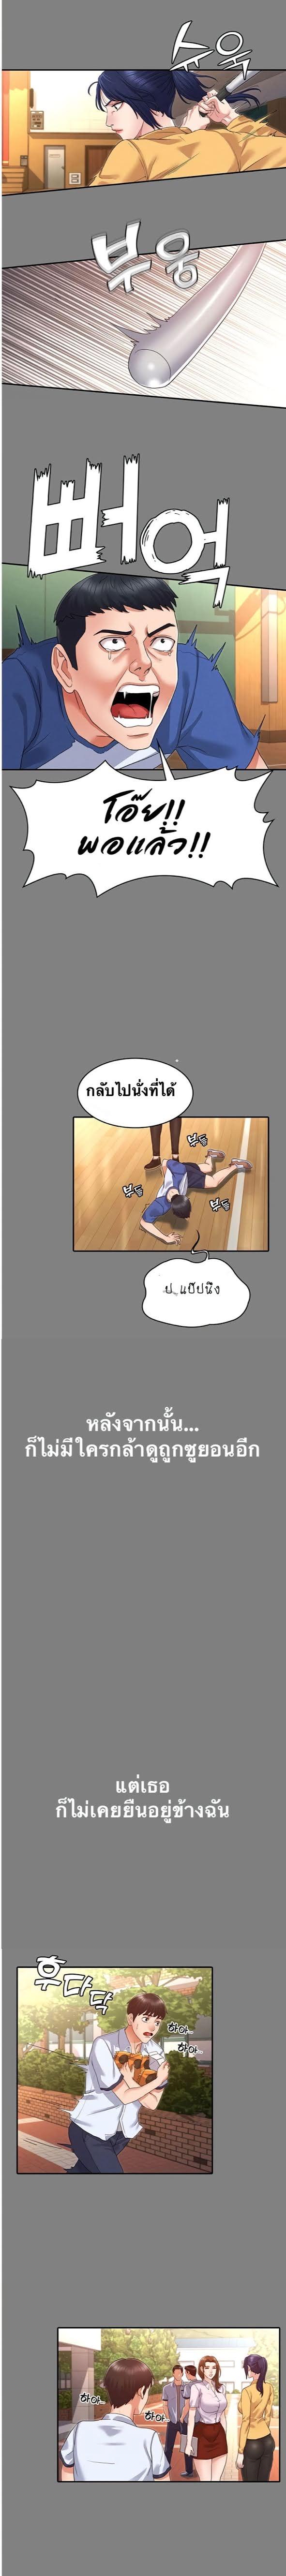 Teacher Punishment - หน้า 7